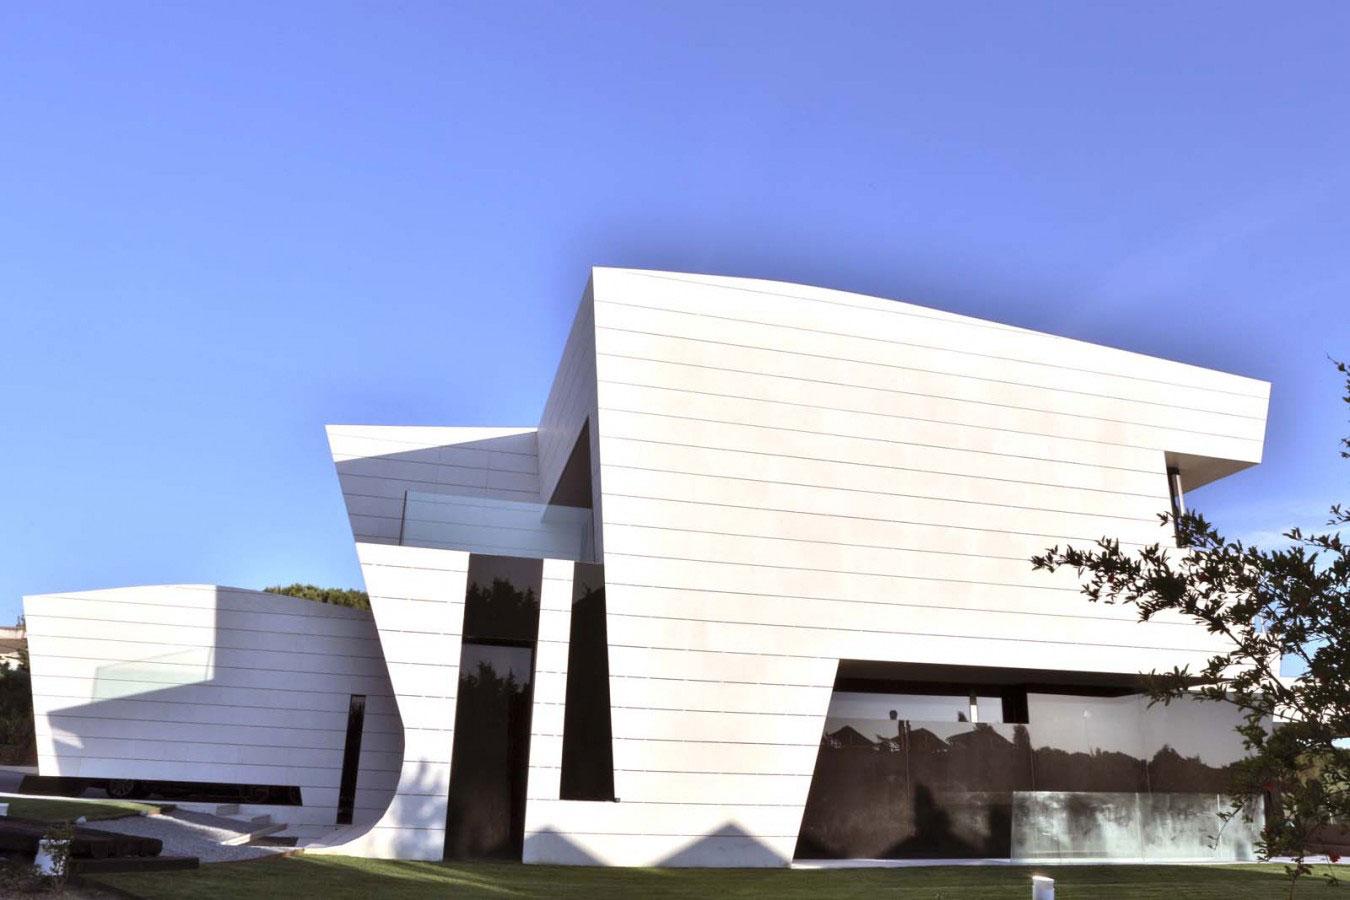 Balcony-House-03